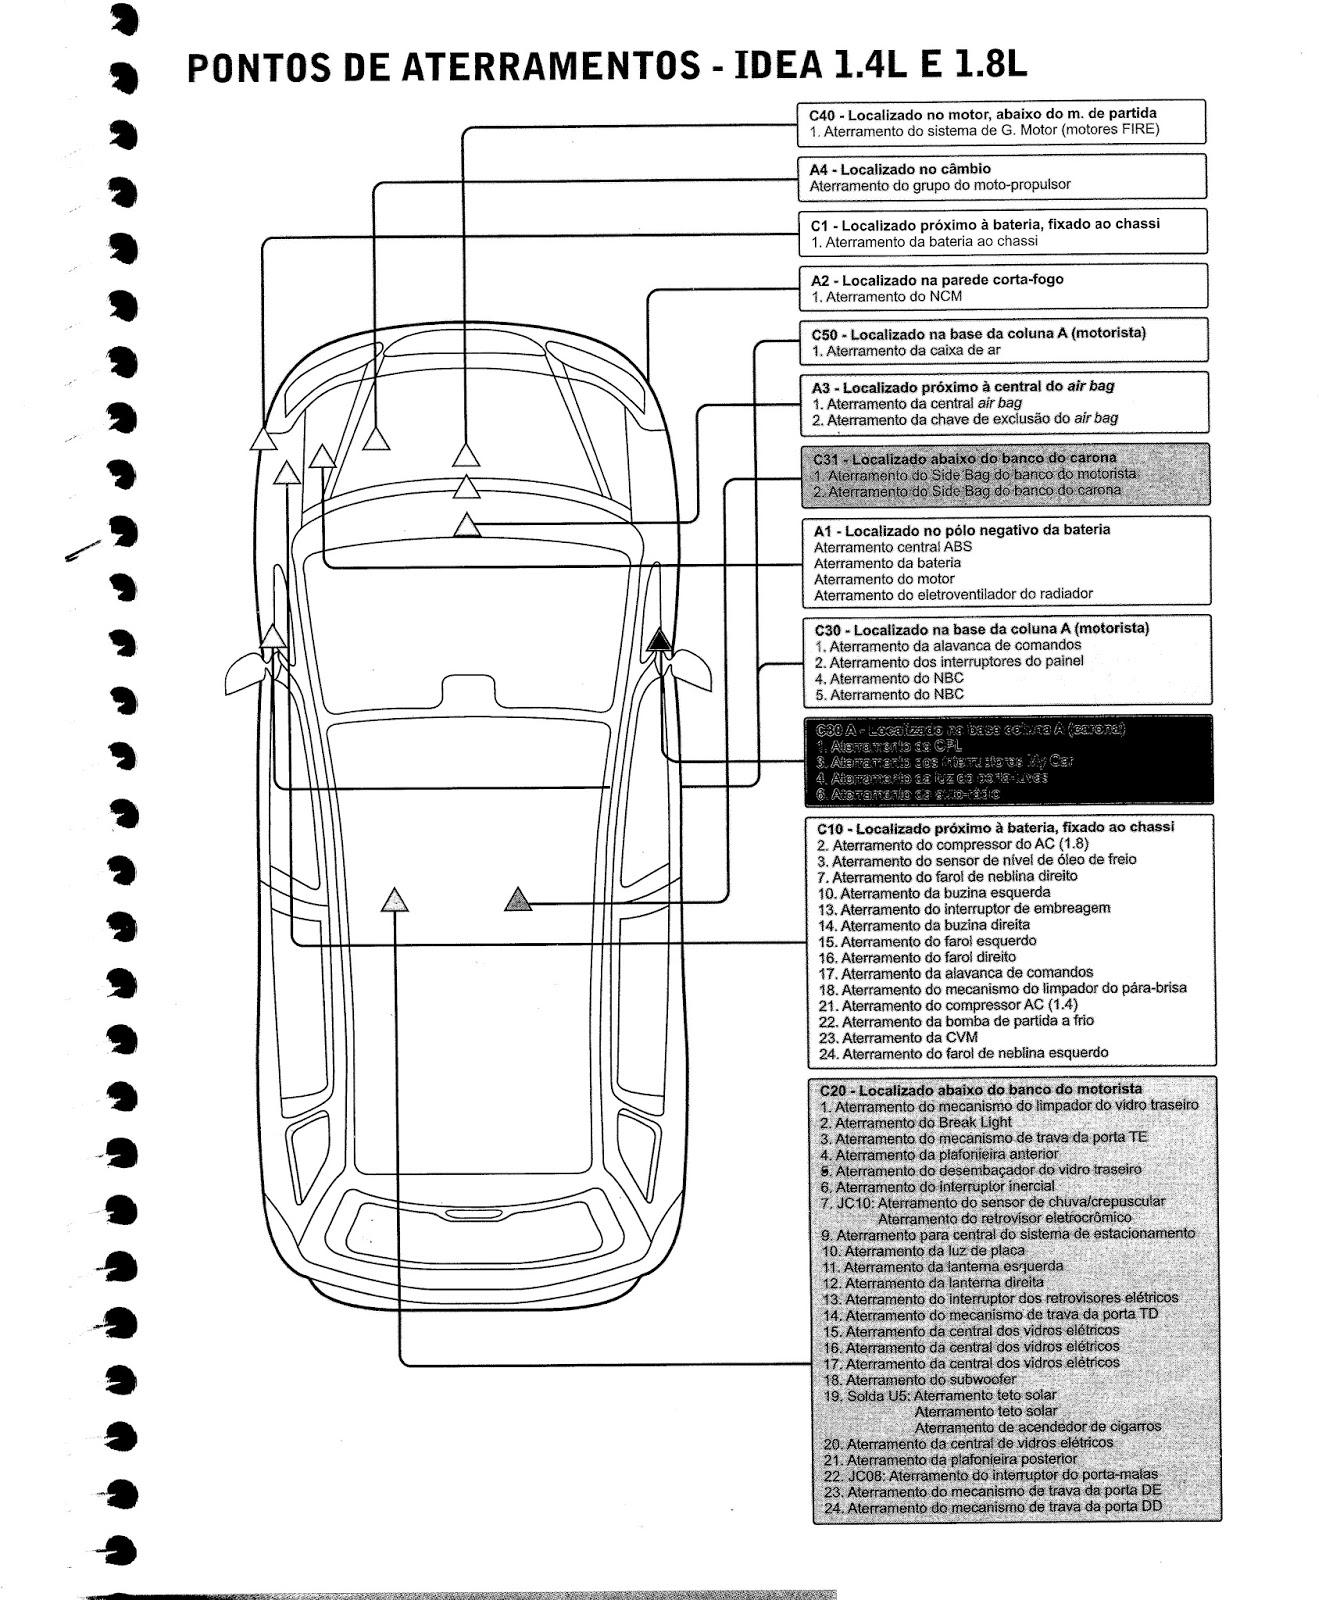 EP Injeção Eletrônica*: Pontos de aterramentos Fiat Idea 1